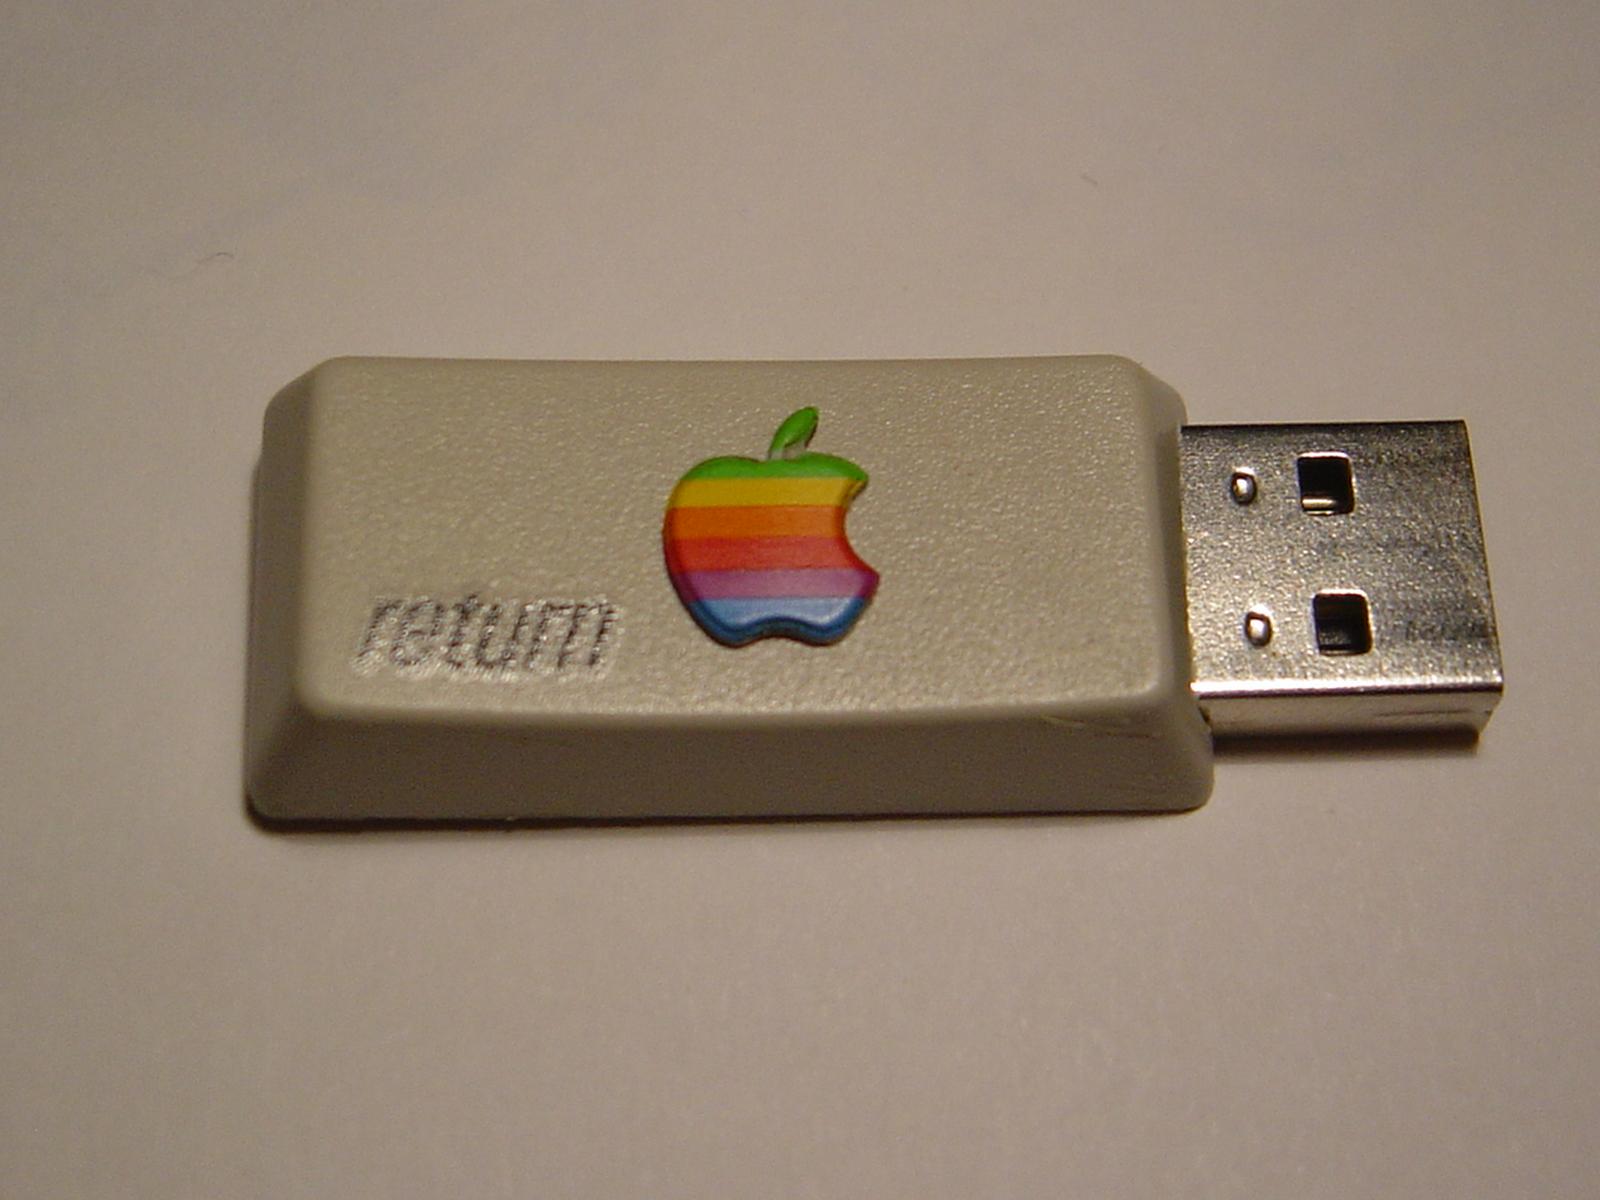 Apple retro pendrive